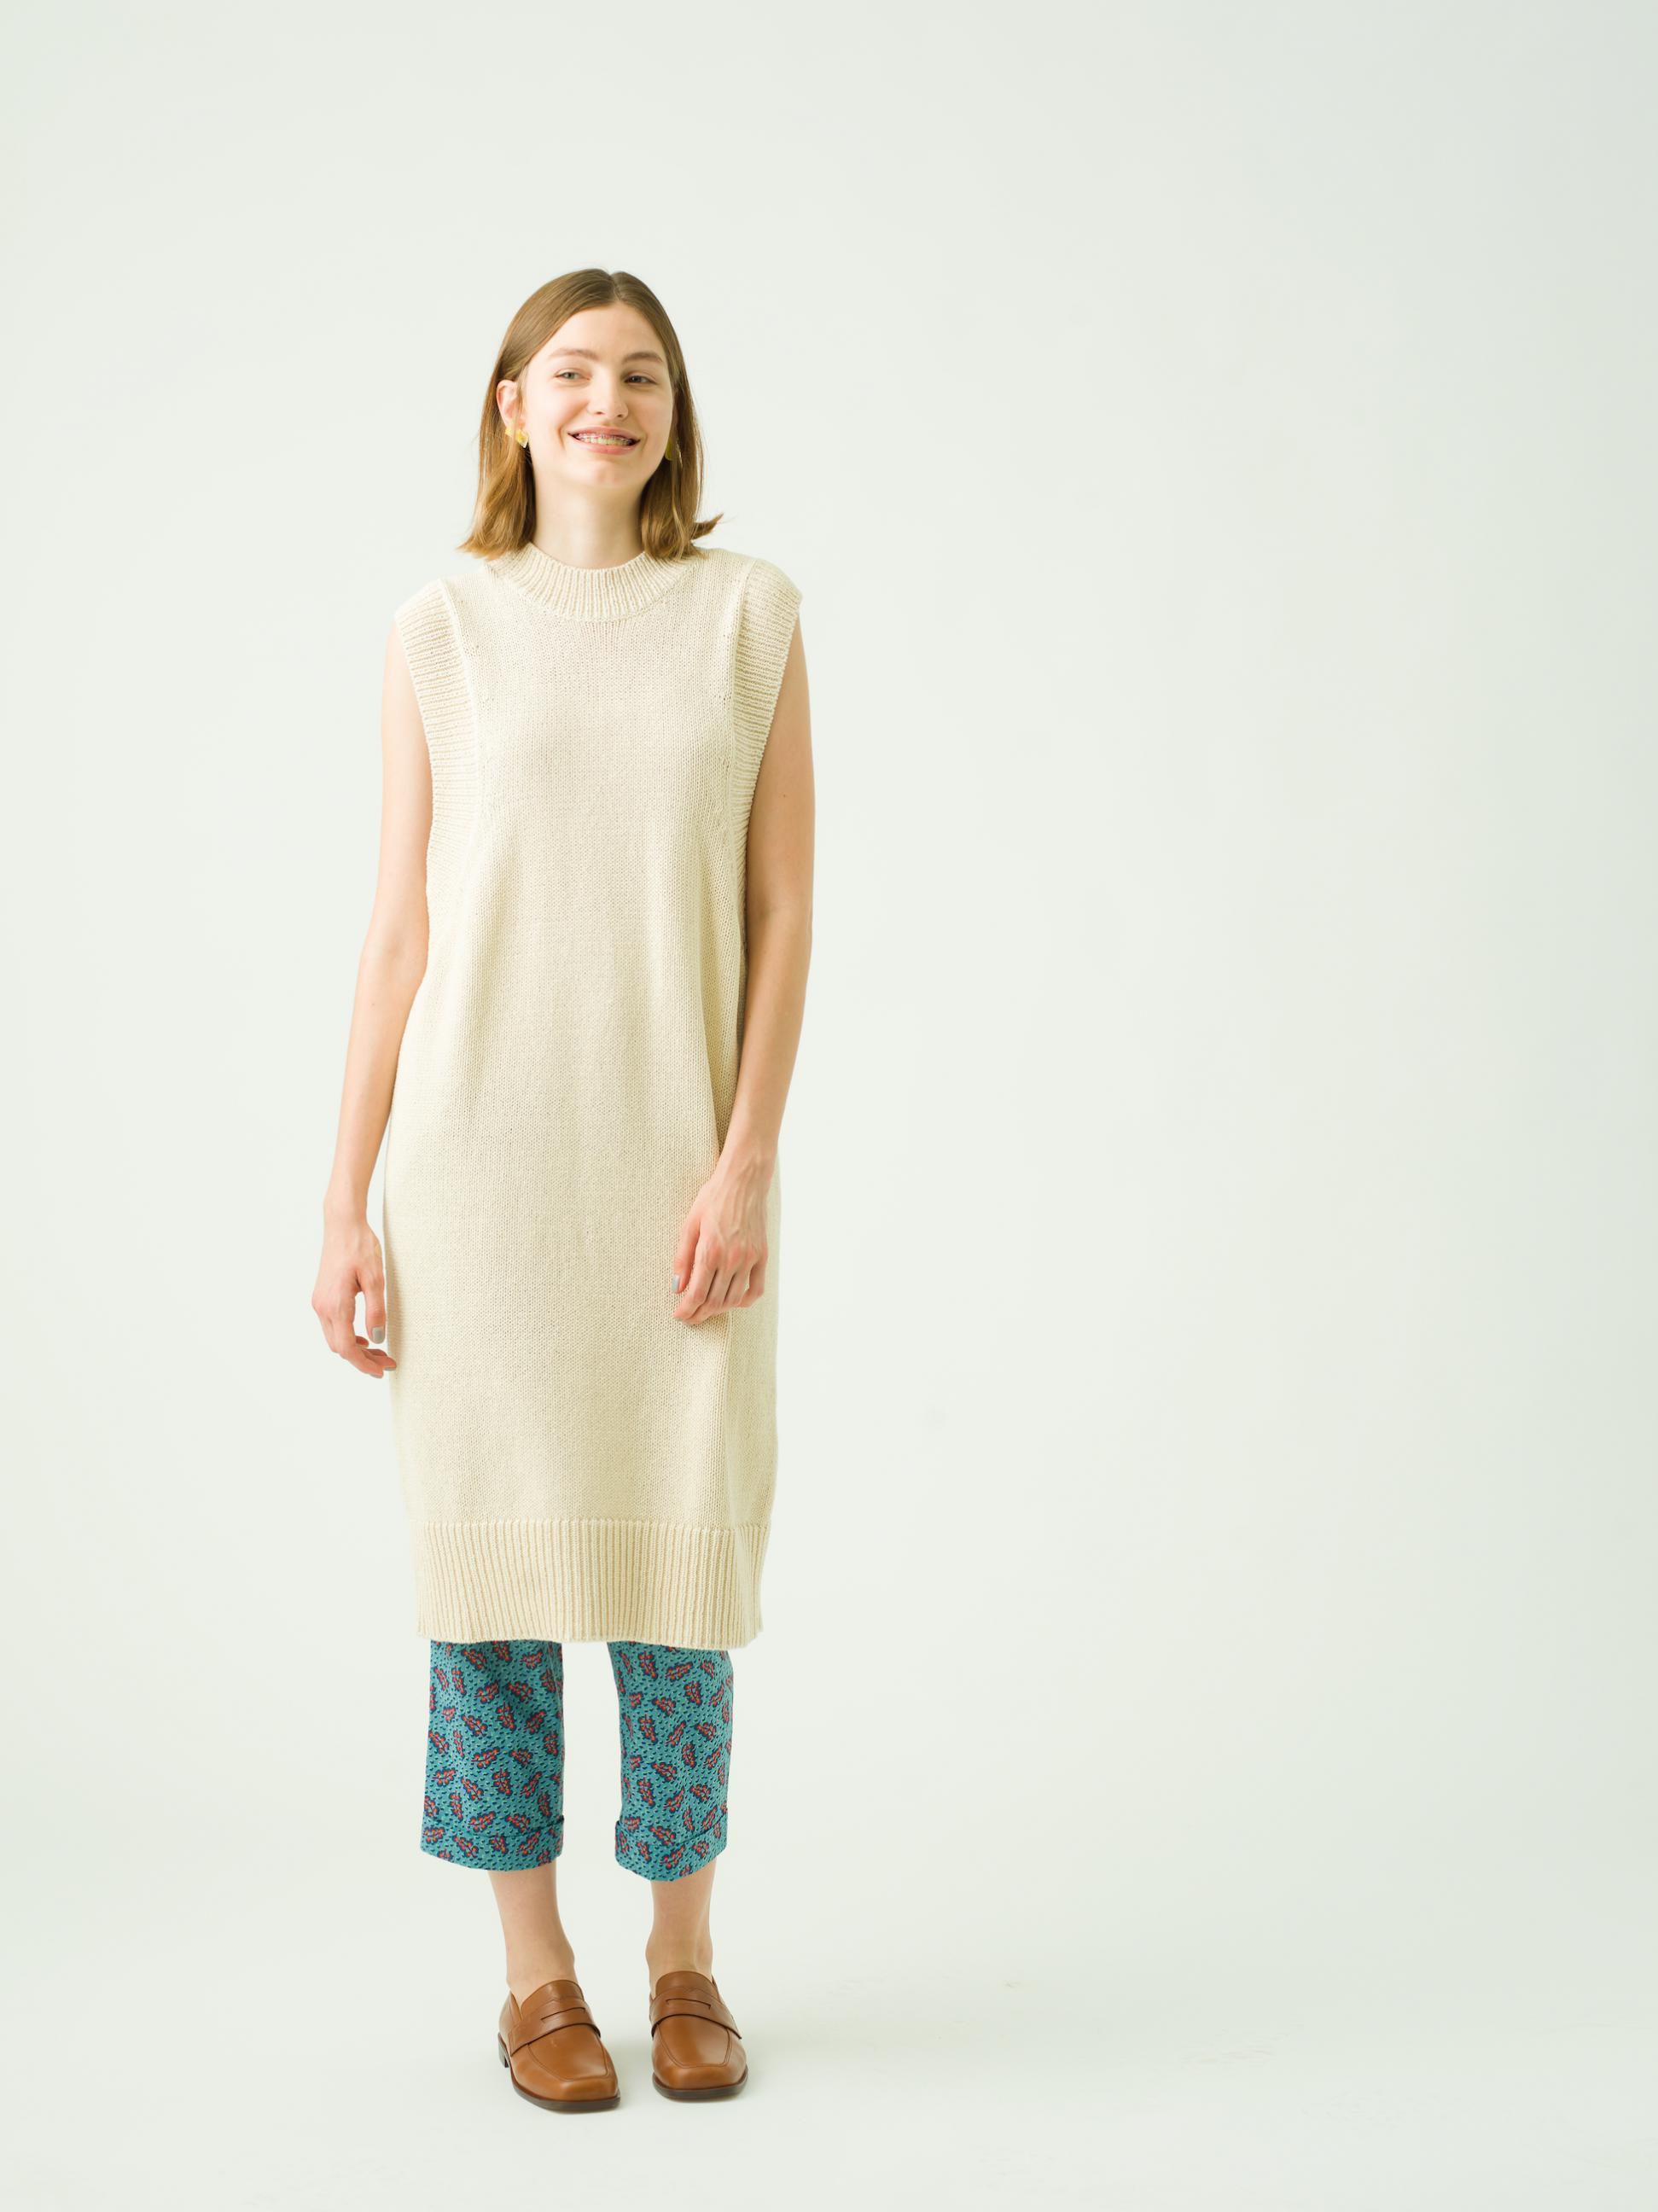 16_2 dress¥47,000  inner¥7,700  pants¥26,000   earring¥9,000  shoes¥37,000